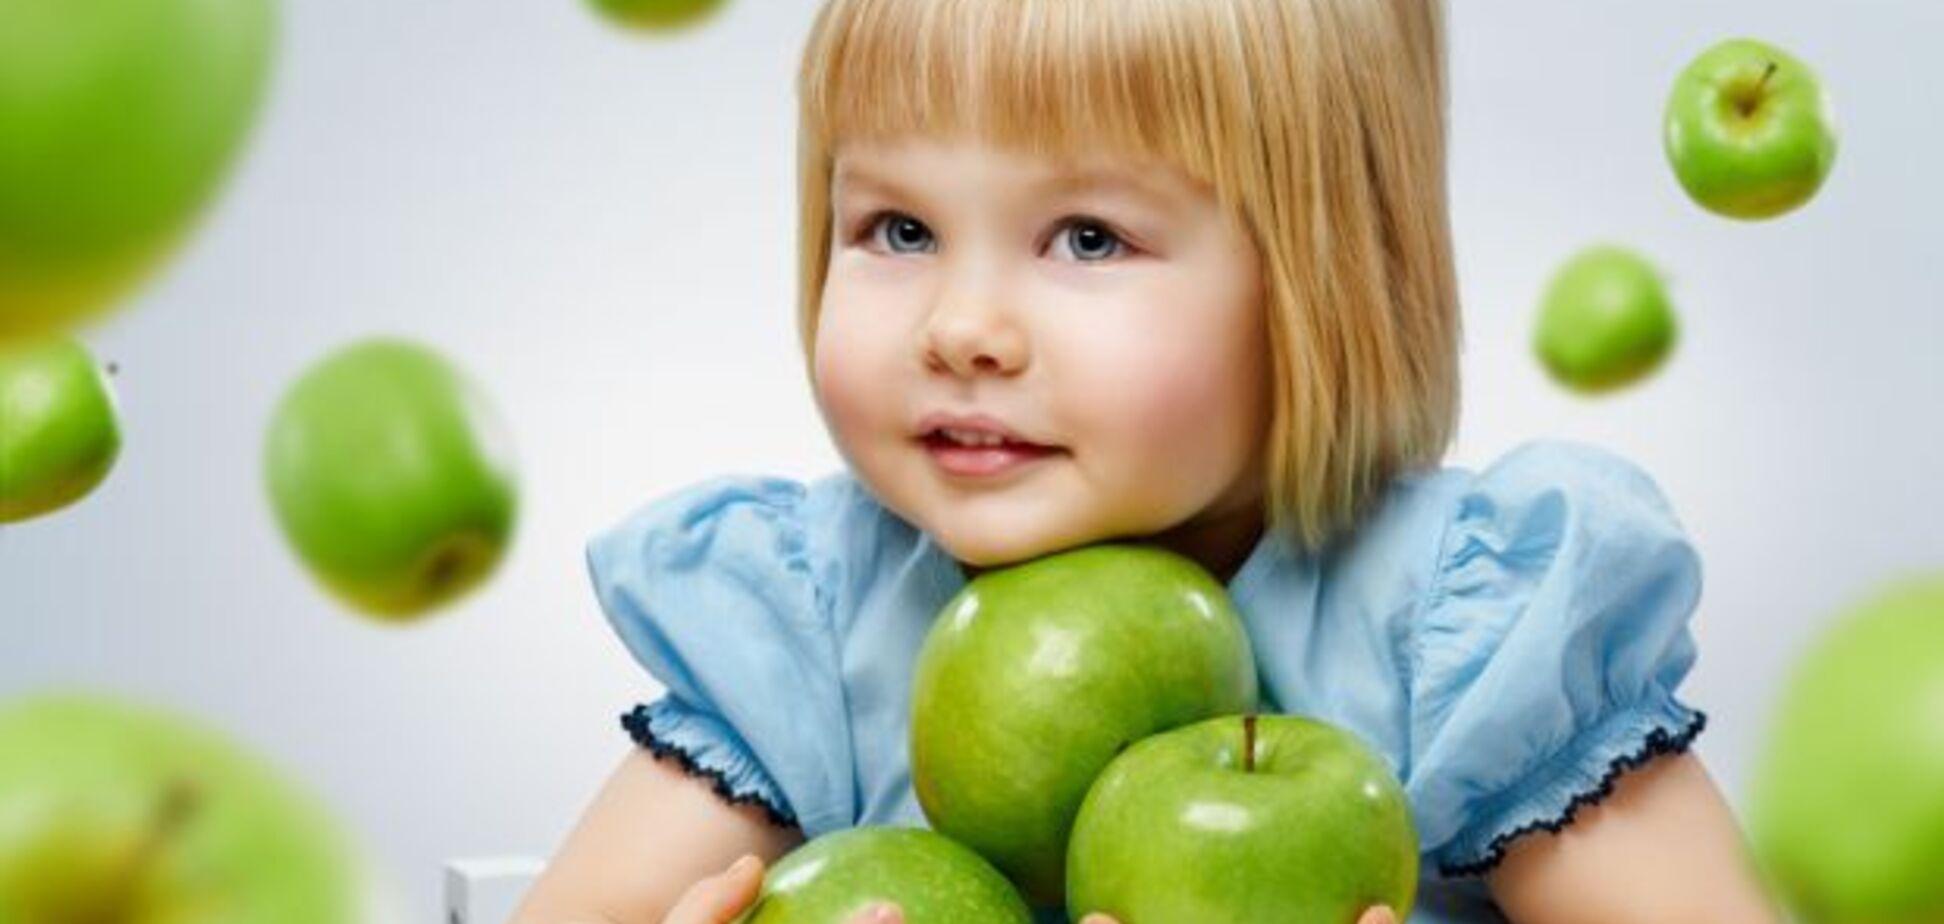 Дитина з яблуком